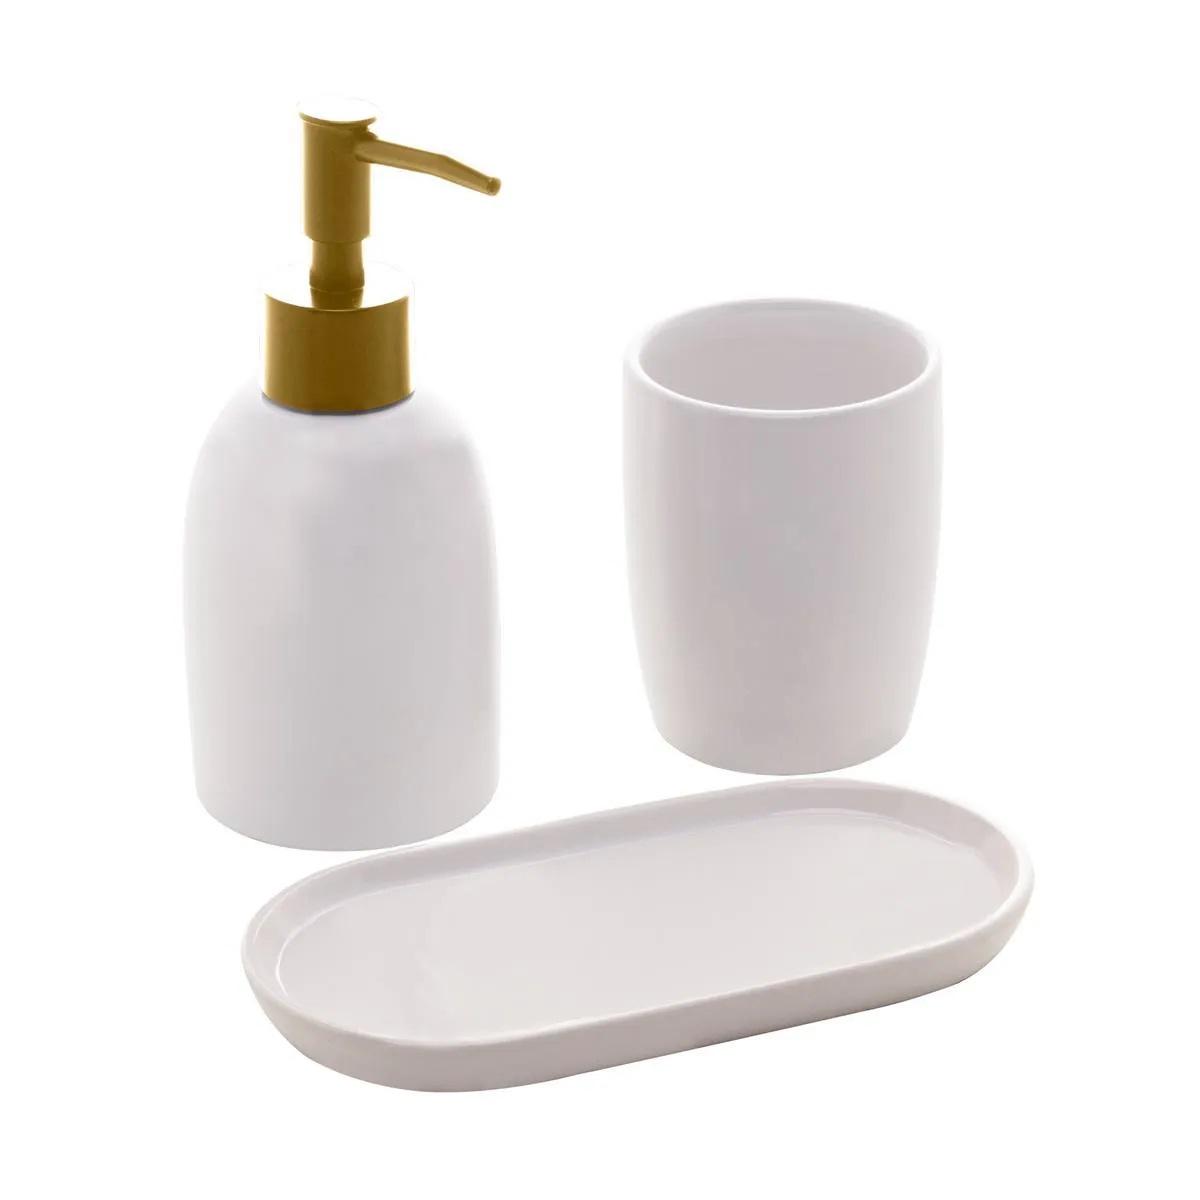 Jogo de banheiro Londres com tampa dourada Lyor 3 peças